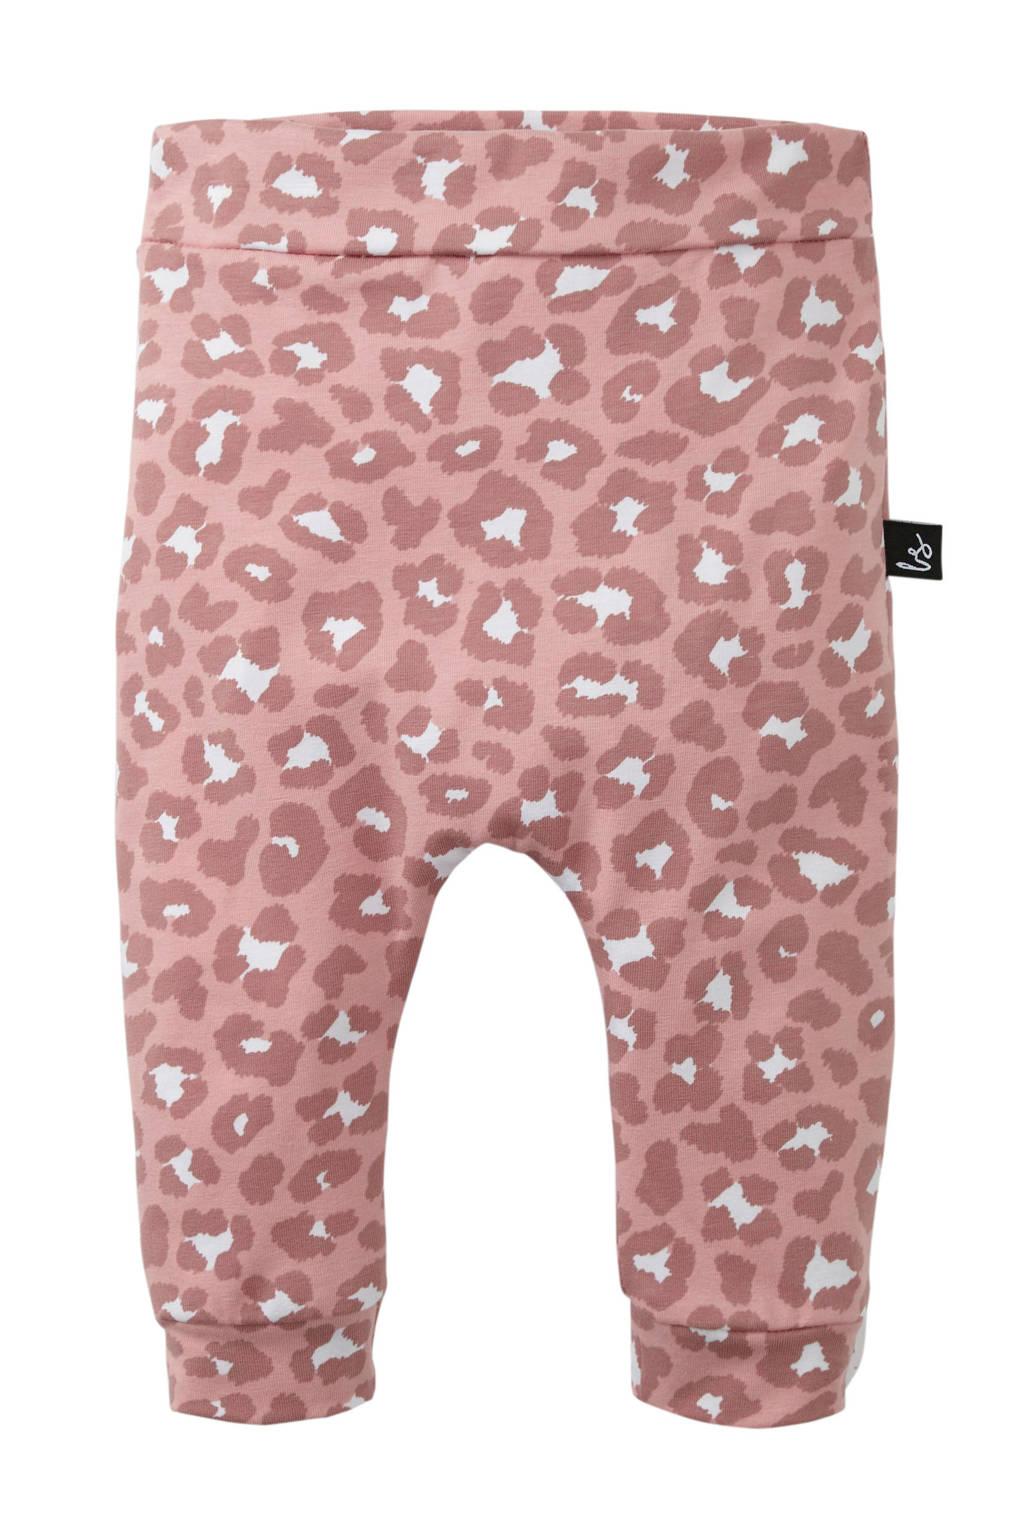 Babystyling broek met panterprint roze, Roze